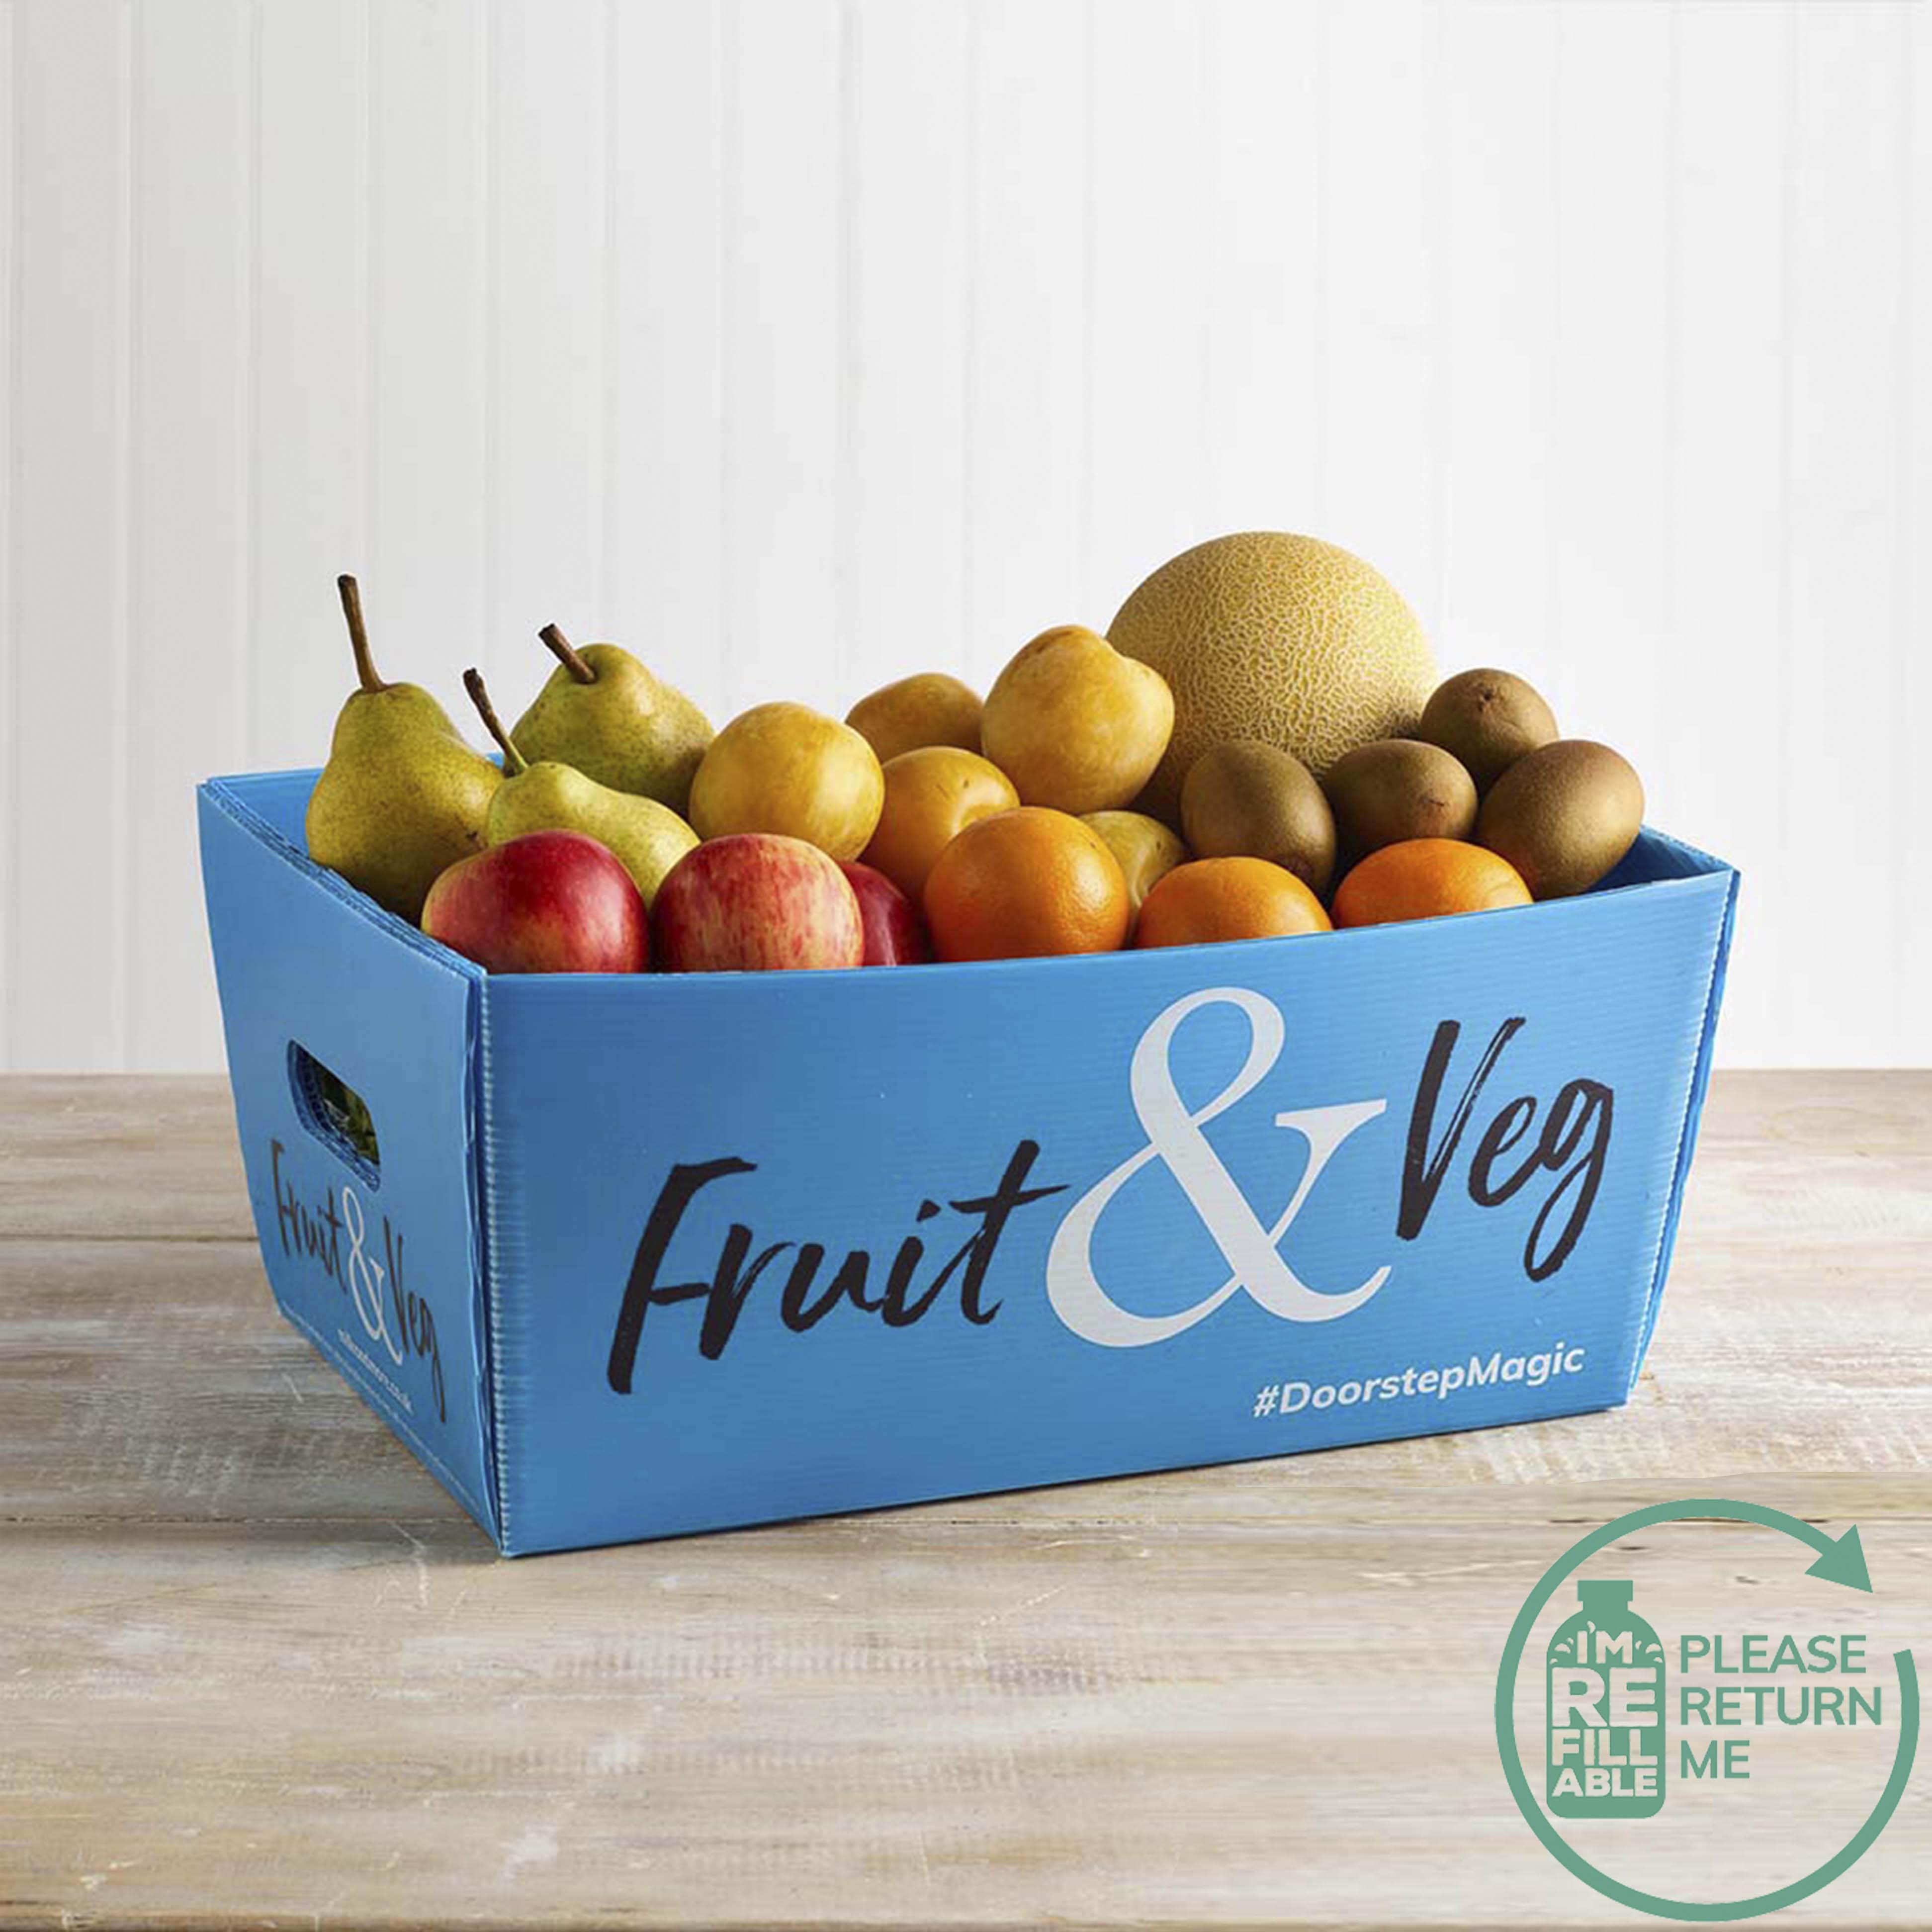 Premium Organic Fruit Box